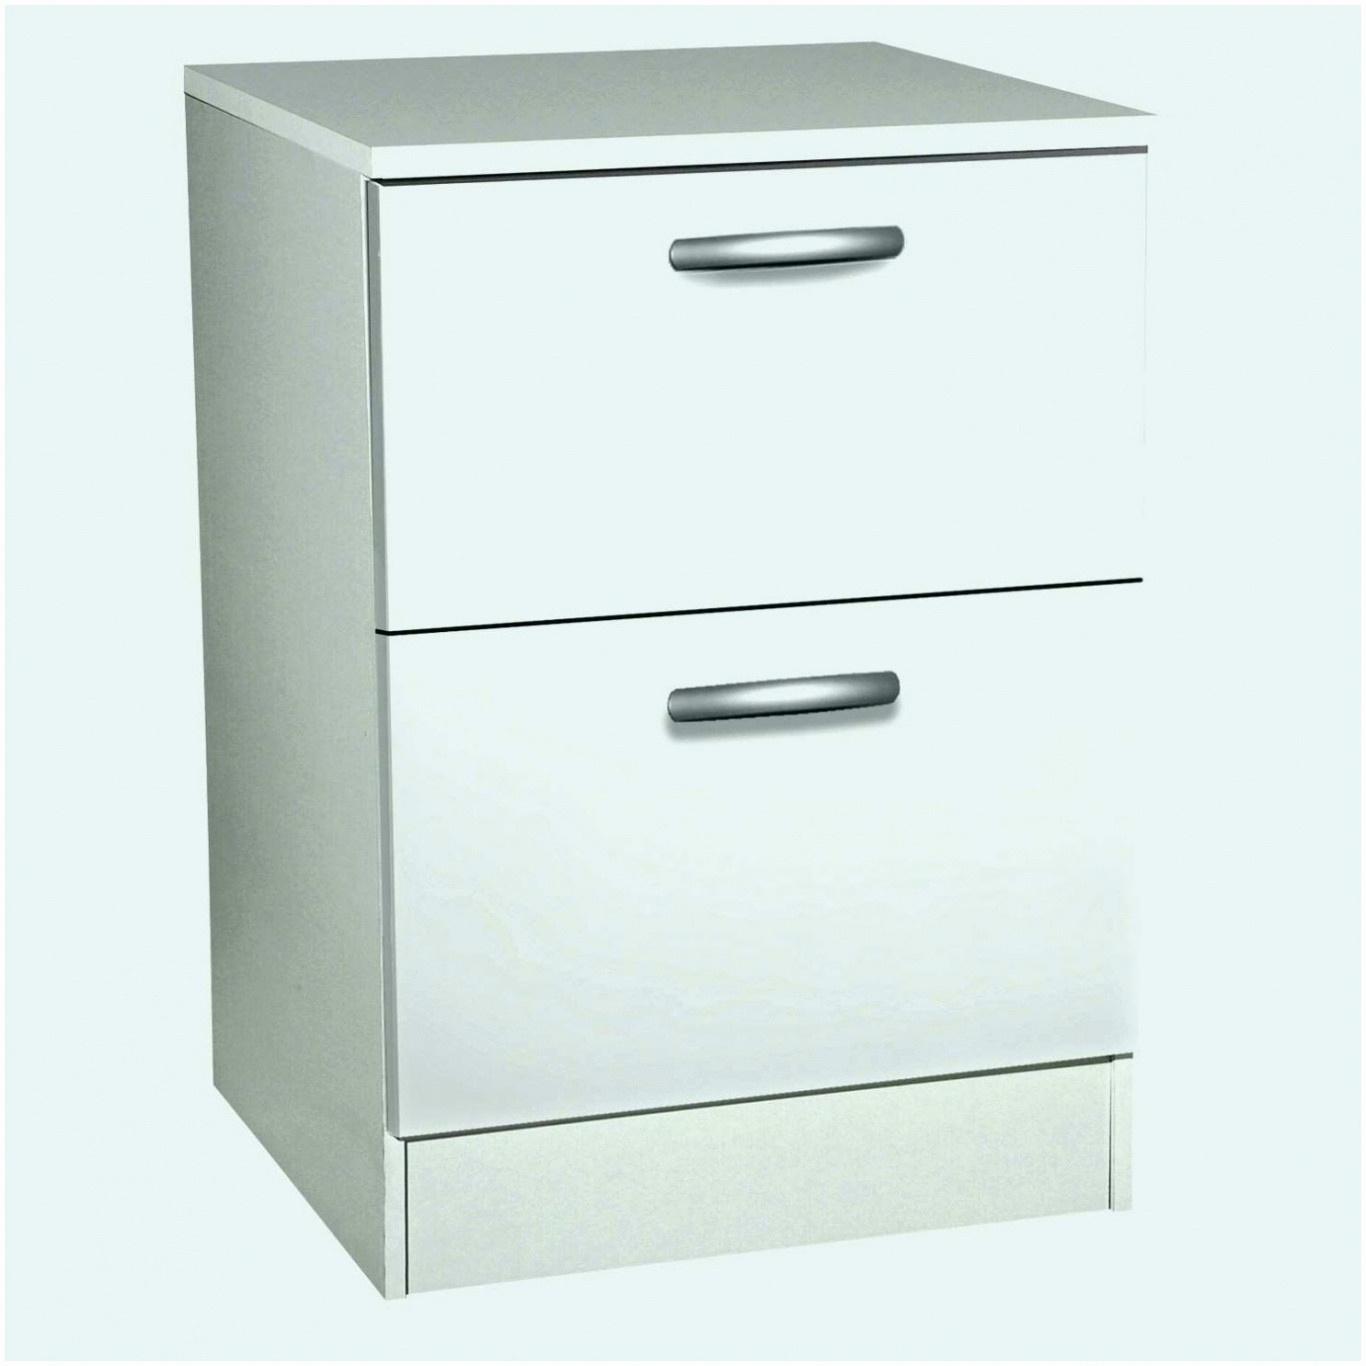 petit buffet industriel unique petit meuble bois conforama meuble bureau unique armoire tiroir 0d of petit buffet industriel